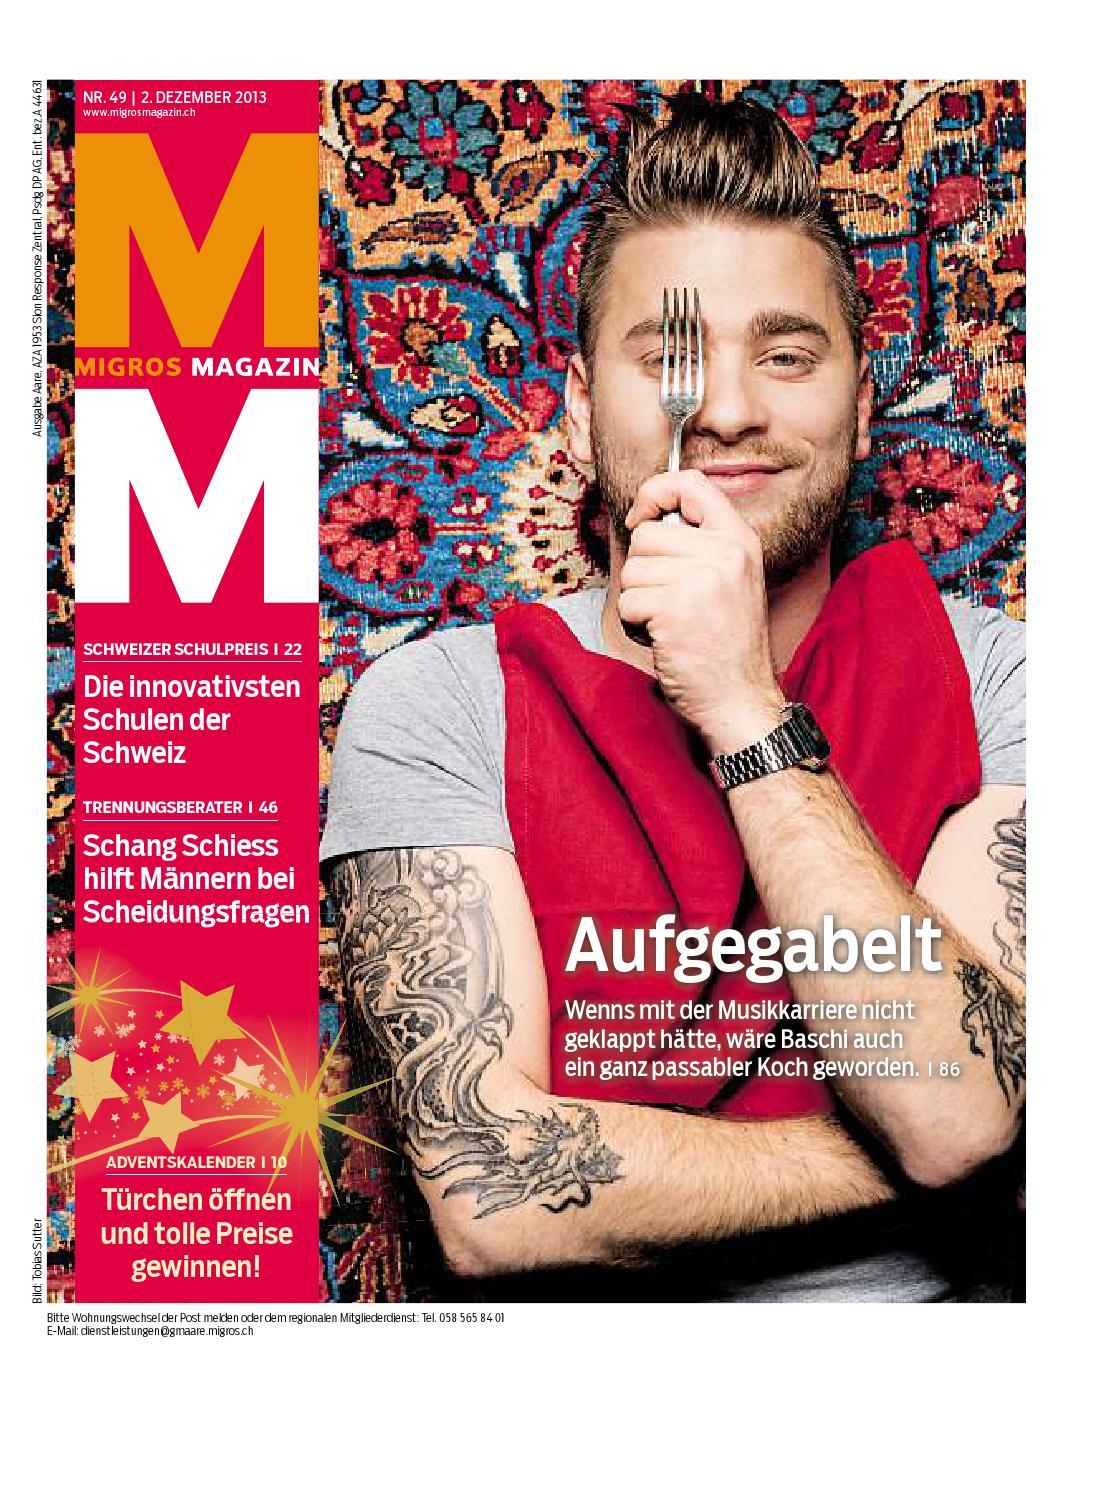 Migros magazin 49 2013 d aa by Migros-Genossenschafts-Bund - issuu